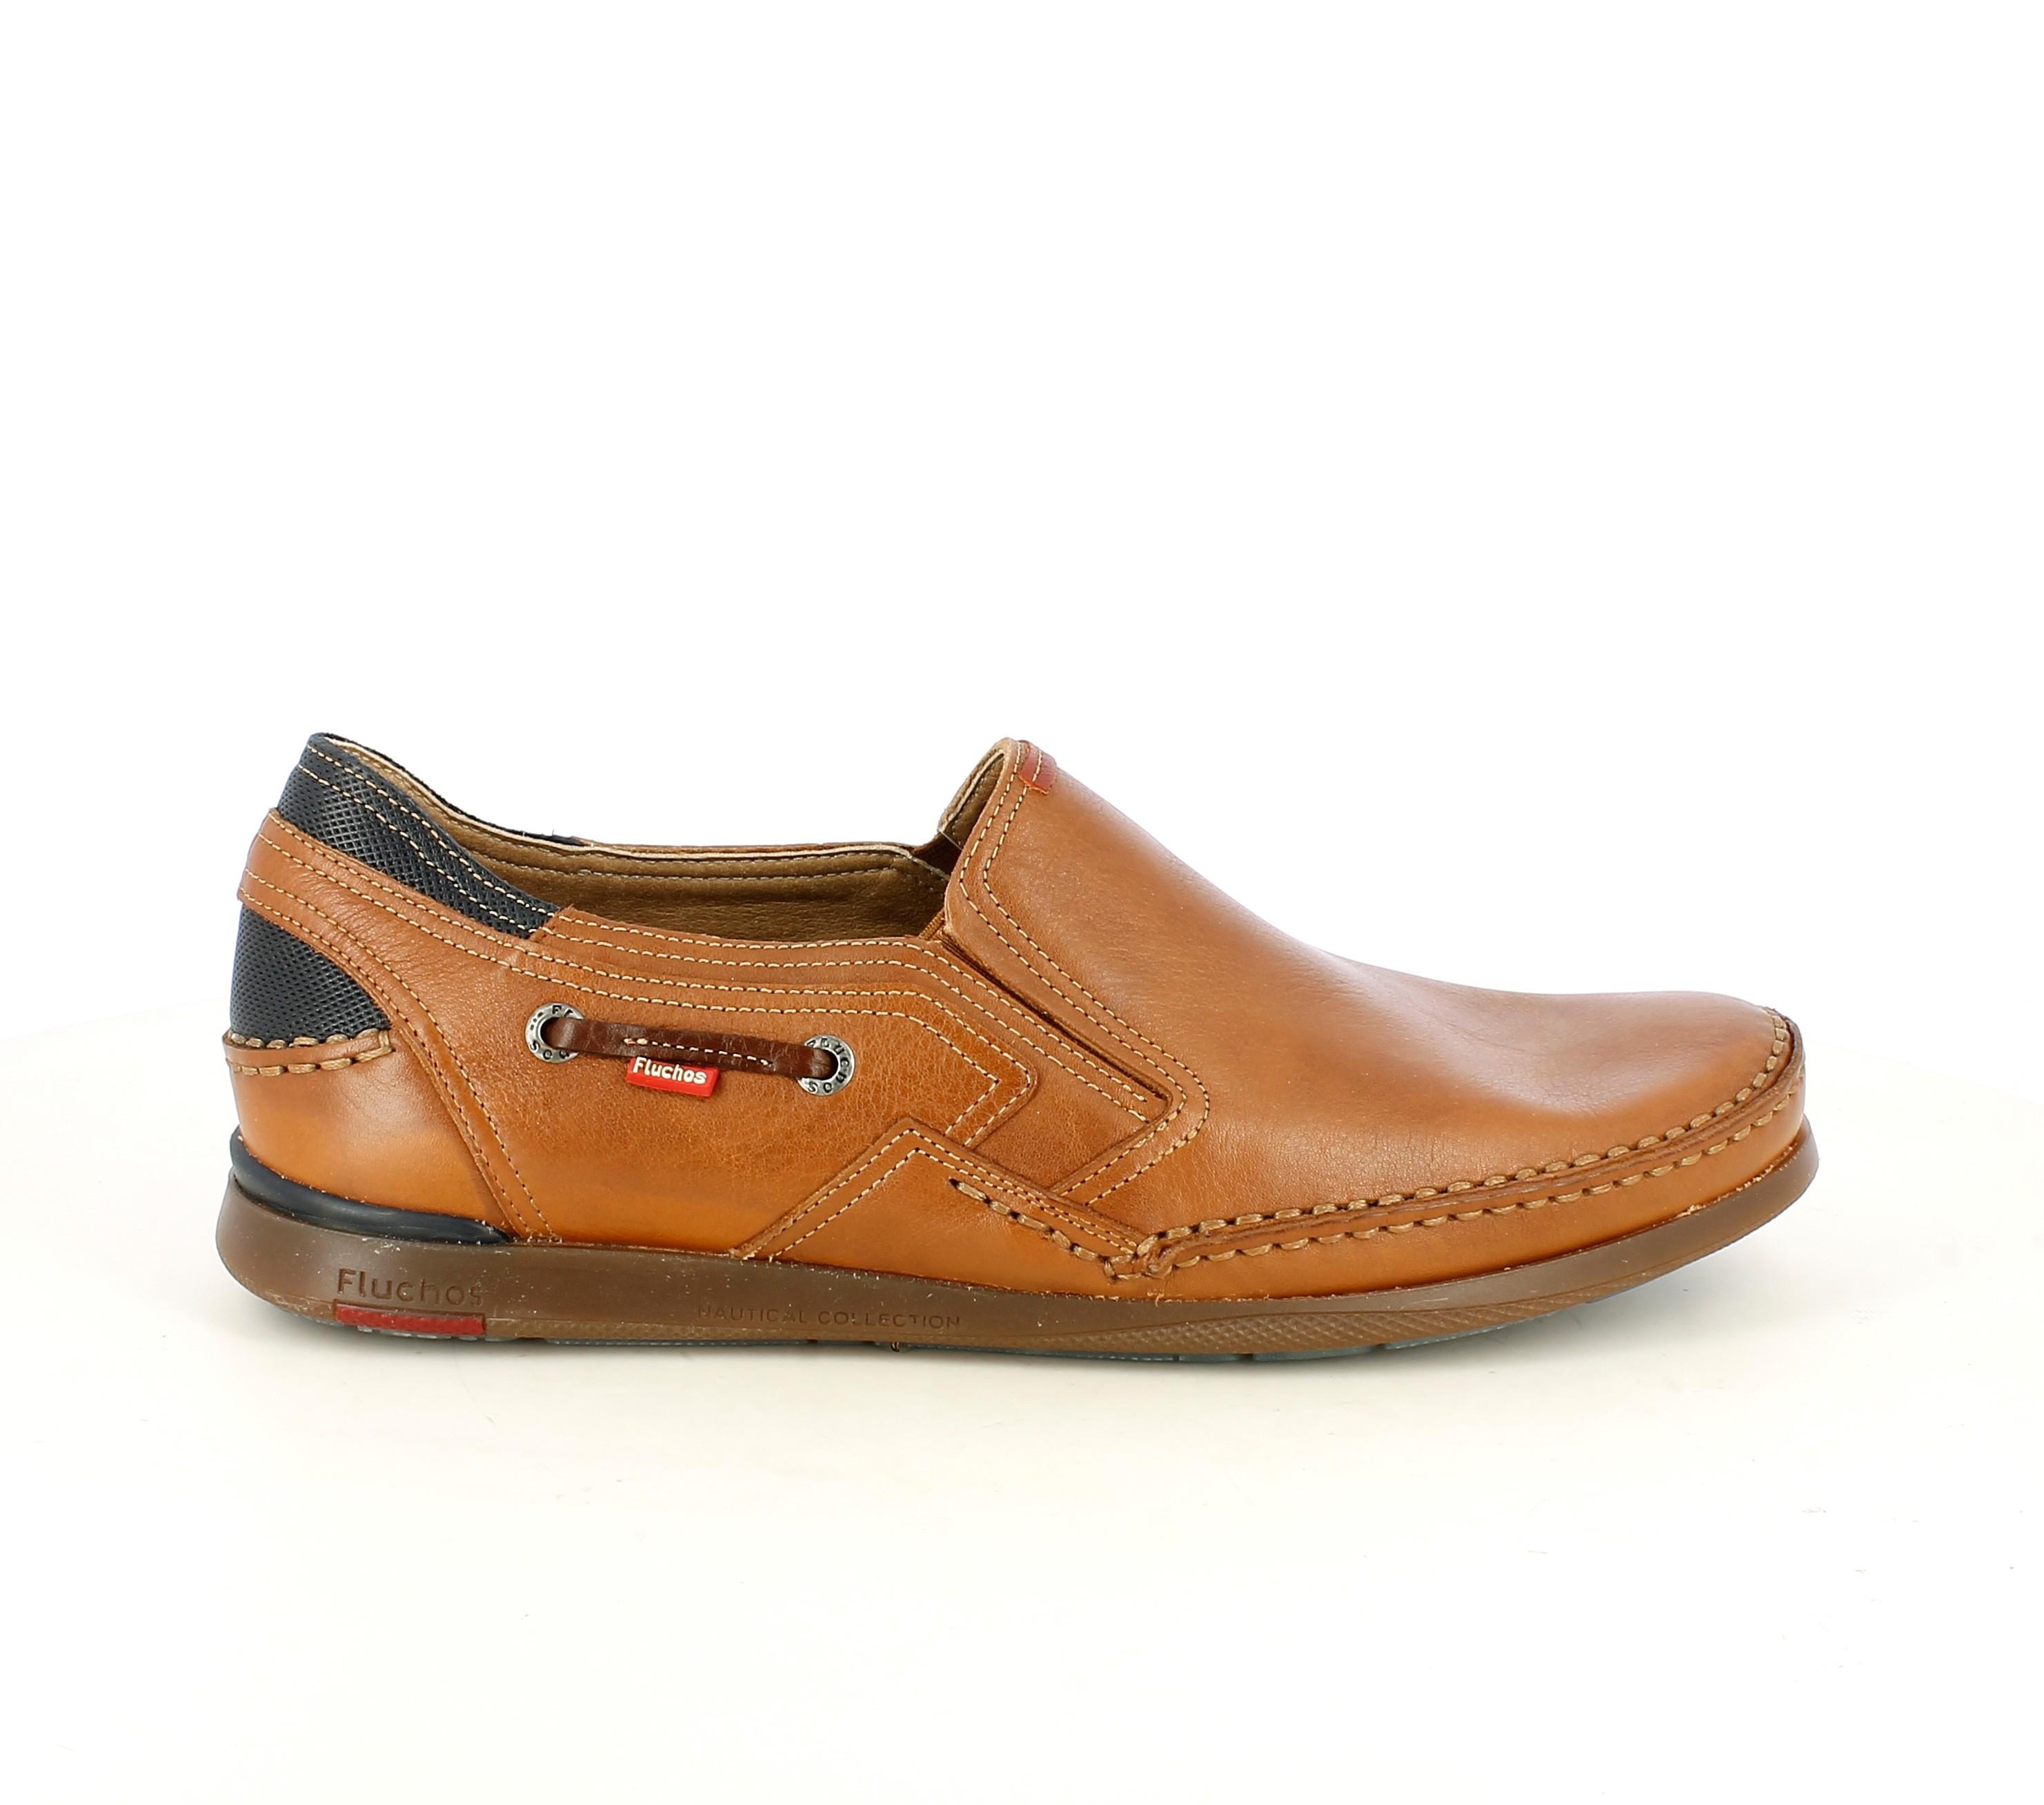 Zapatos sport Fluchos mocasines de piel marrones con detalles azules